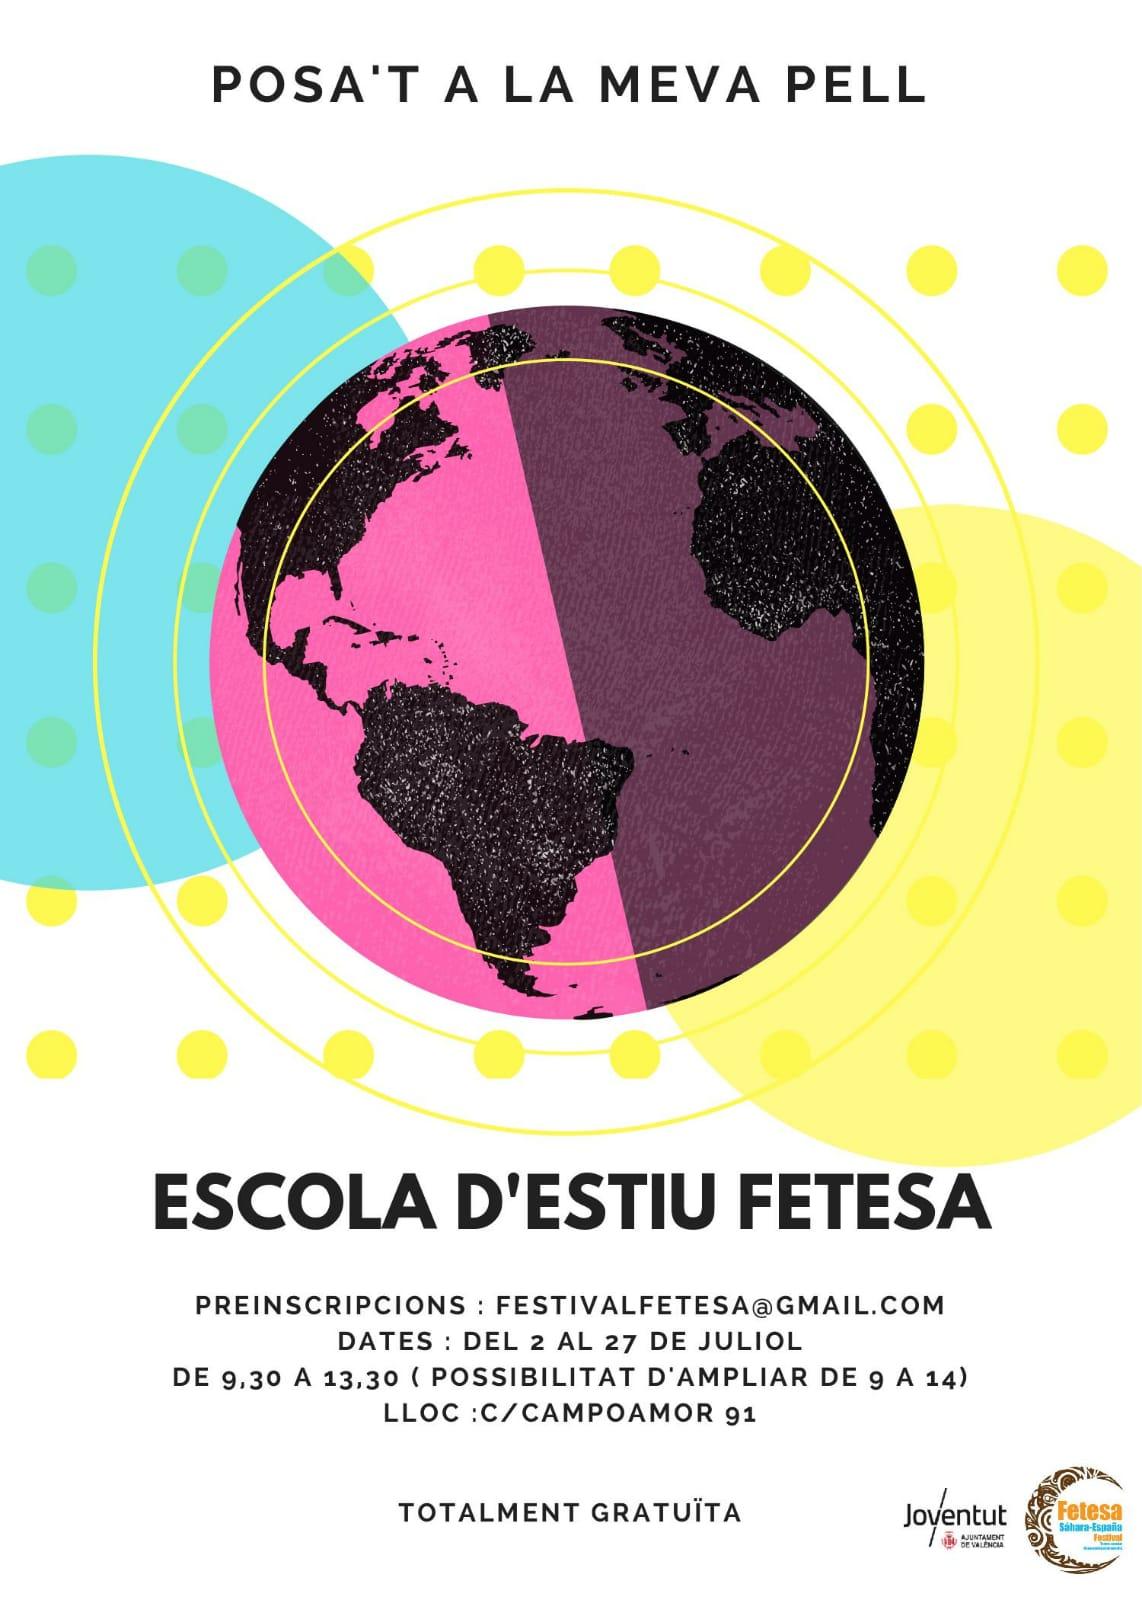 Estiu 2018ESCOLA ESTIU - Des del projecte FETESA de La Monda Lironda Teatre amb col.laboració amb el projecte Vacances en Pau,impulsem amb la Regidoria de Joventut de València, l'escola d'estiu d.art i cooperació